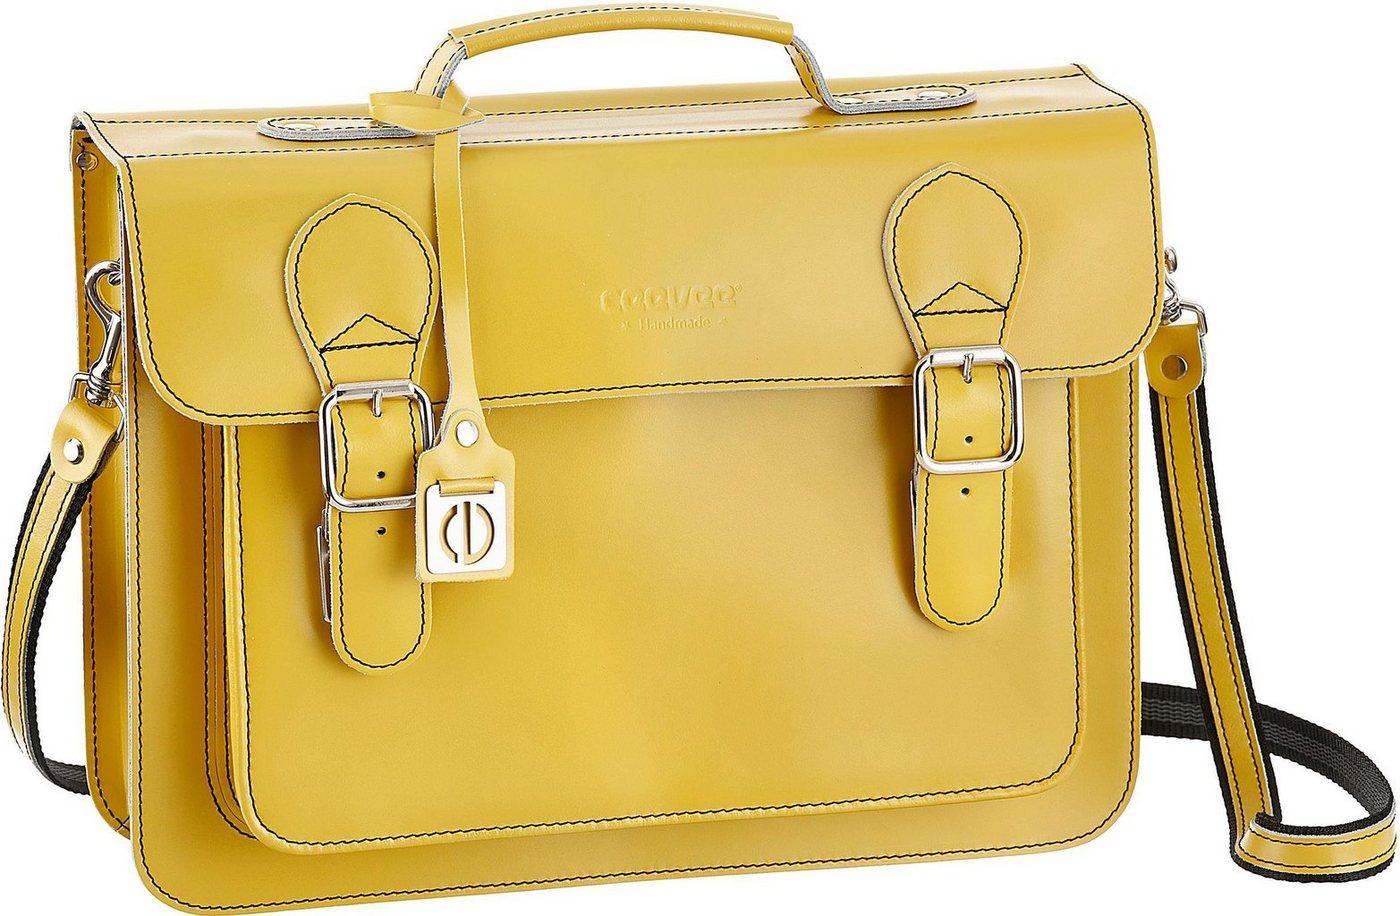 Ceevee Businesstasche »Catchall Business, Lemon«, mit Tabletfach | Taschen > Business Taschen | Gelb | Leder | Ceevee